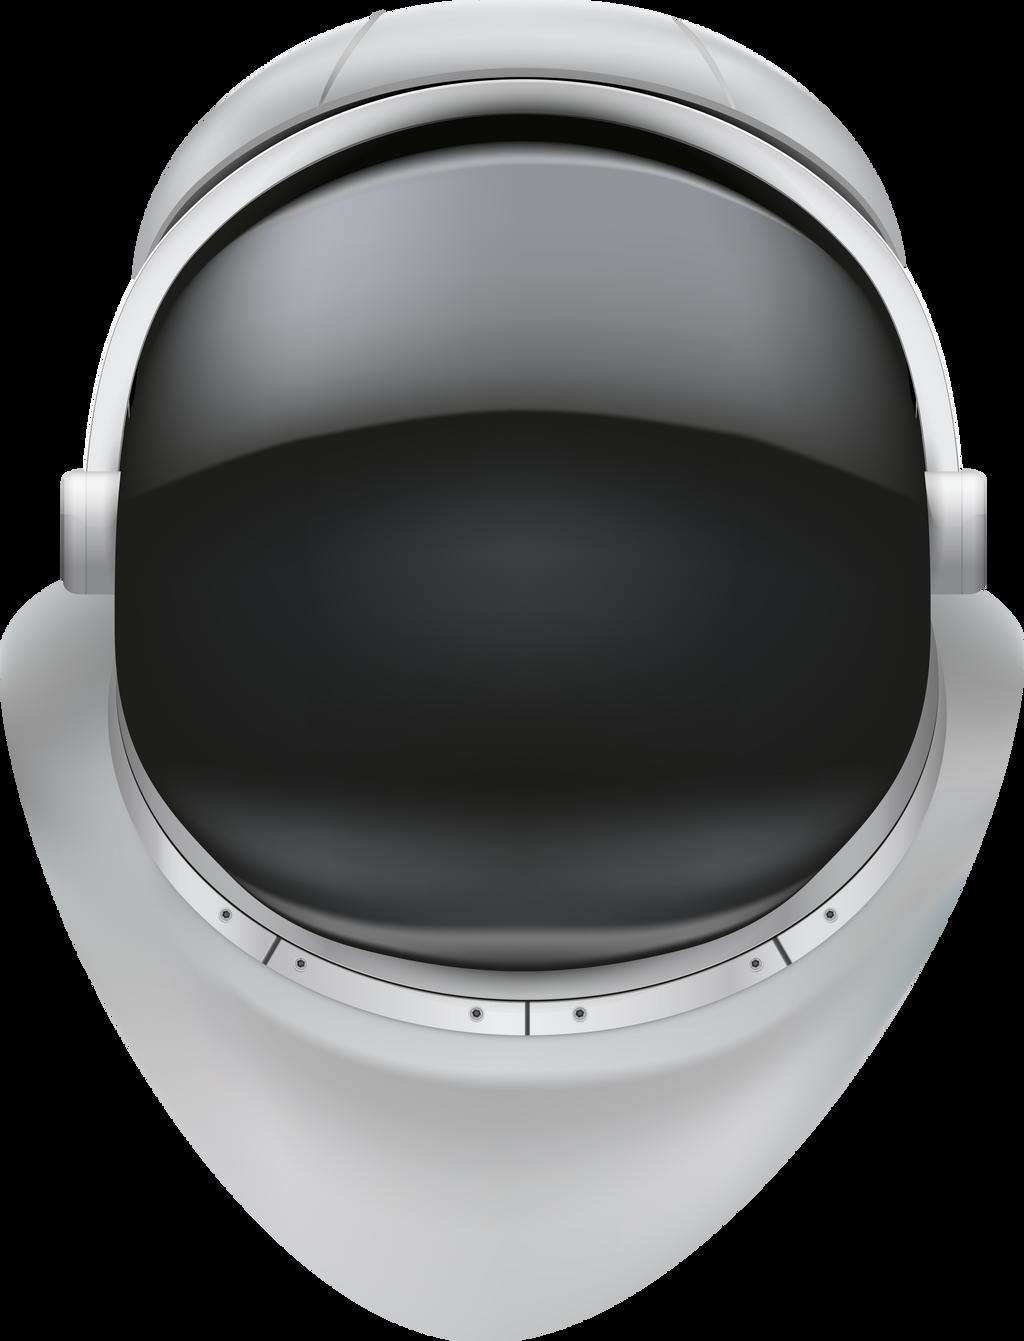 Astronaut helmet by HZ-Designs on DeviantArt